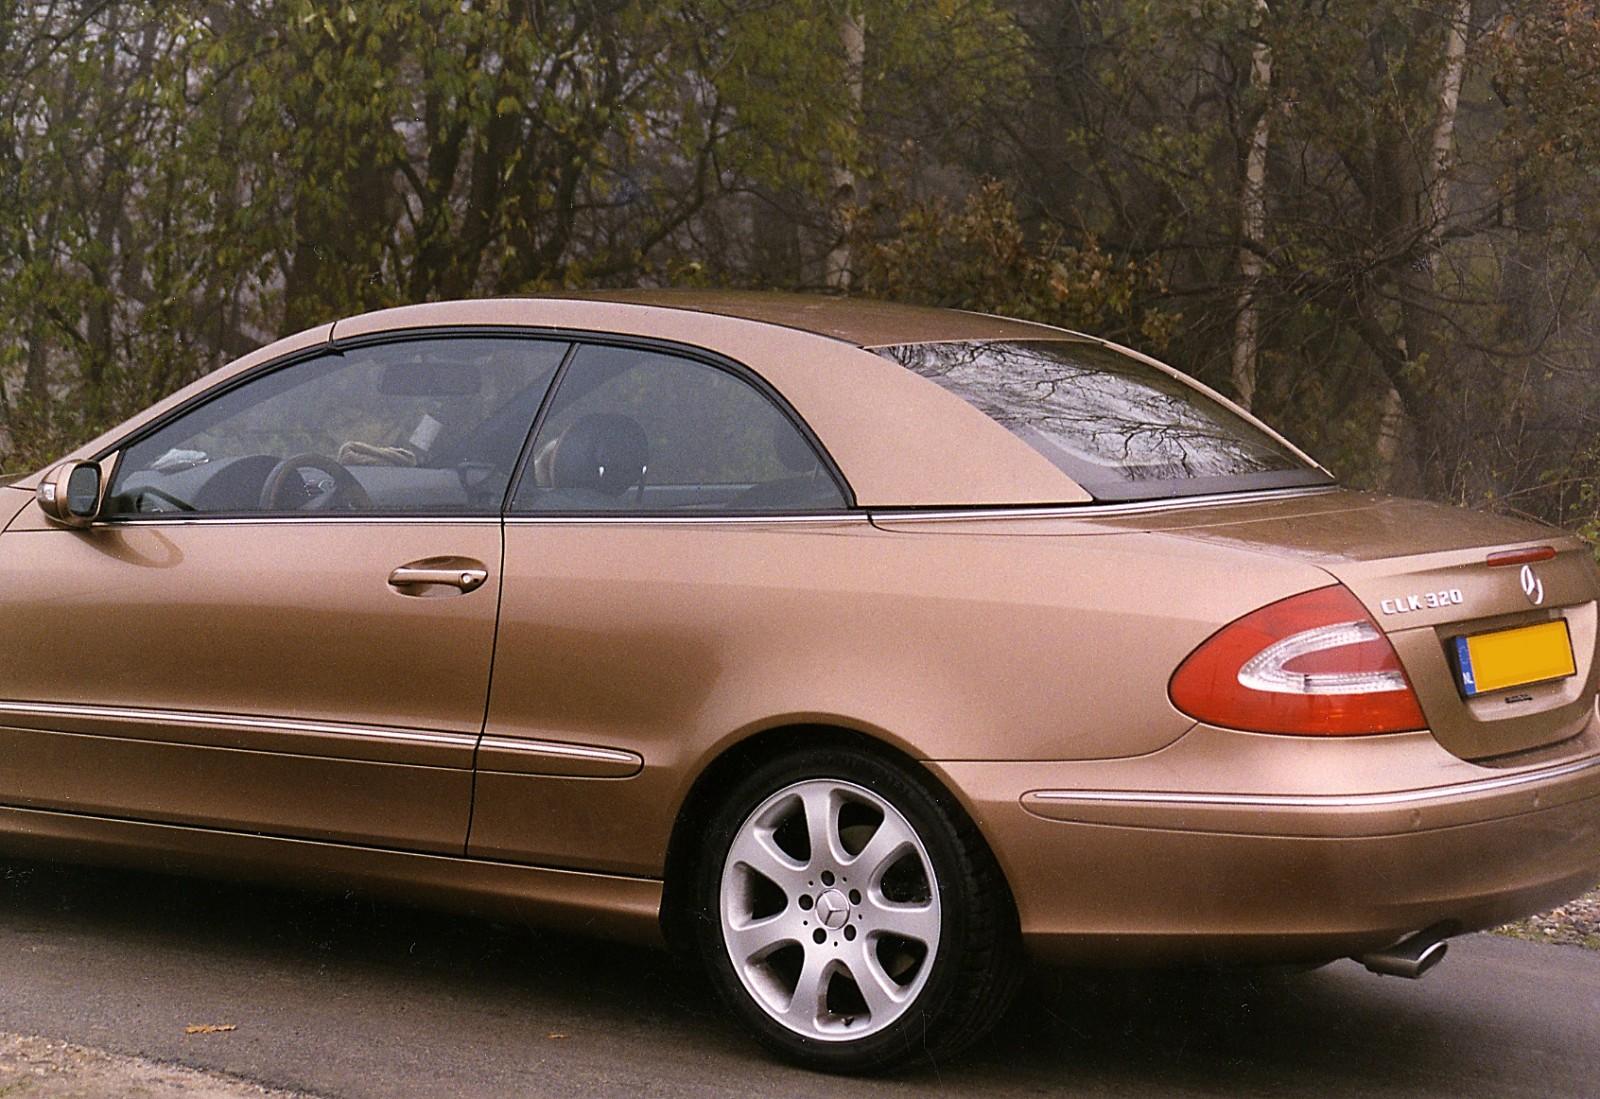 Hardtop Mercedes Clk 209 Nieuw Cabrio Care